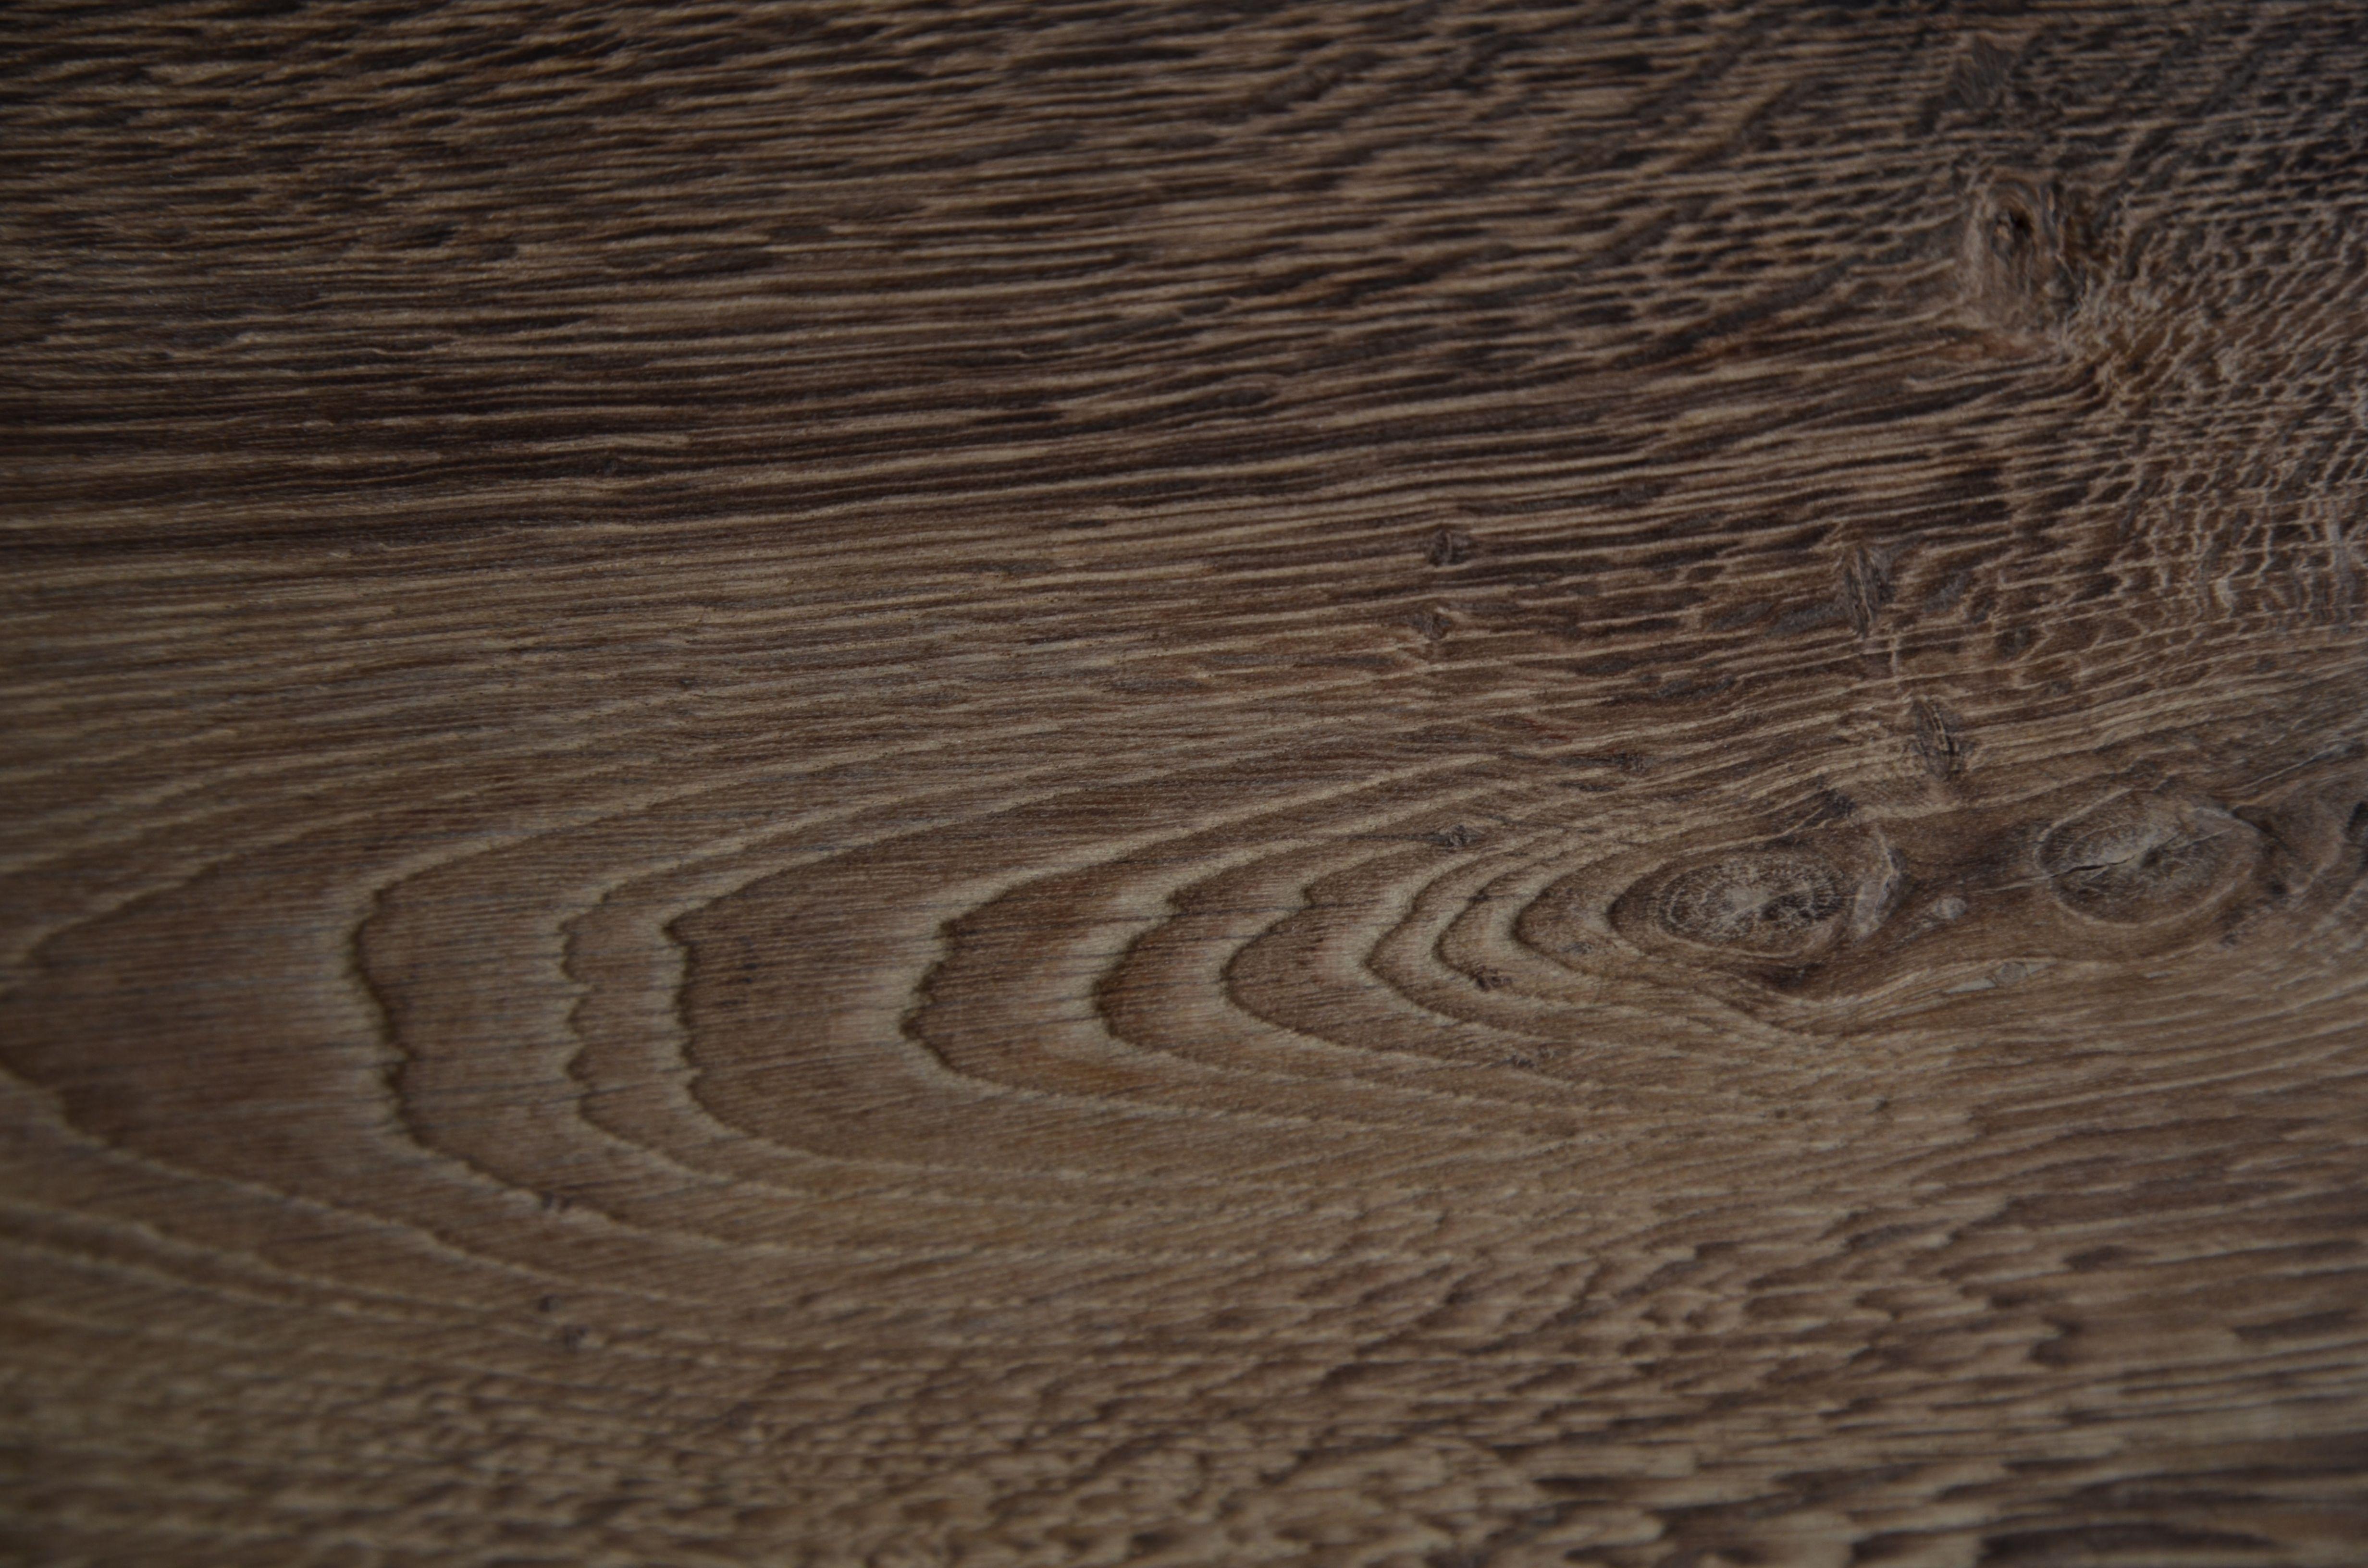 Carvalho maciço escovado    espessura-  15/22mm largura-  22/24/26/28cm ou 14/18/21cm   comprimento-  2 to 3m 1,8 to 2,7m     Carvalho estratificado escovado espessura- 15mm (6+9)    largura- 22/26/28cm ou 14/18/21cm comprimento-  2,4m ou 2,2m